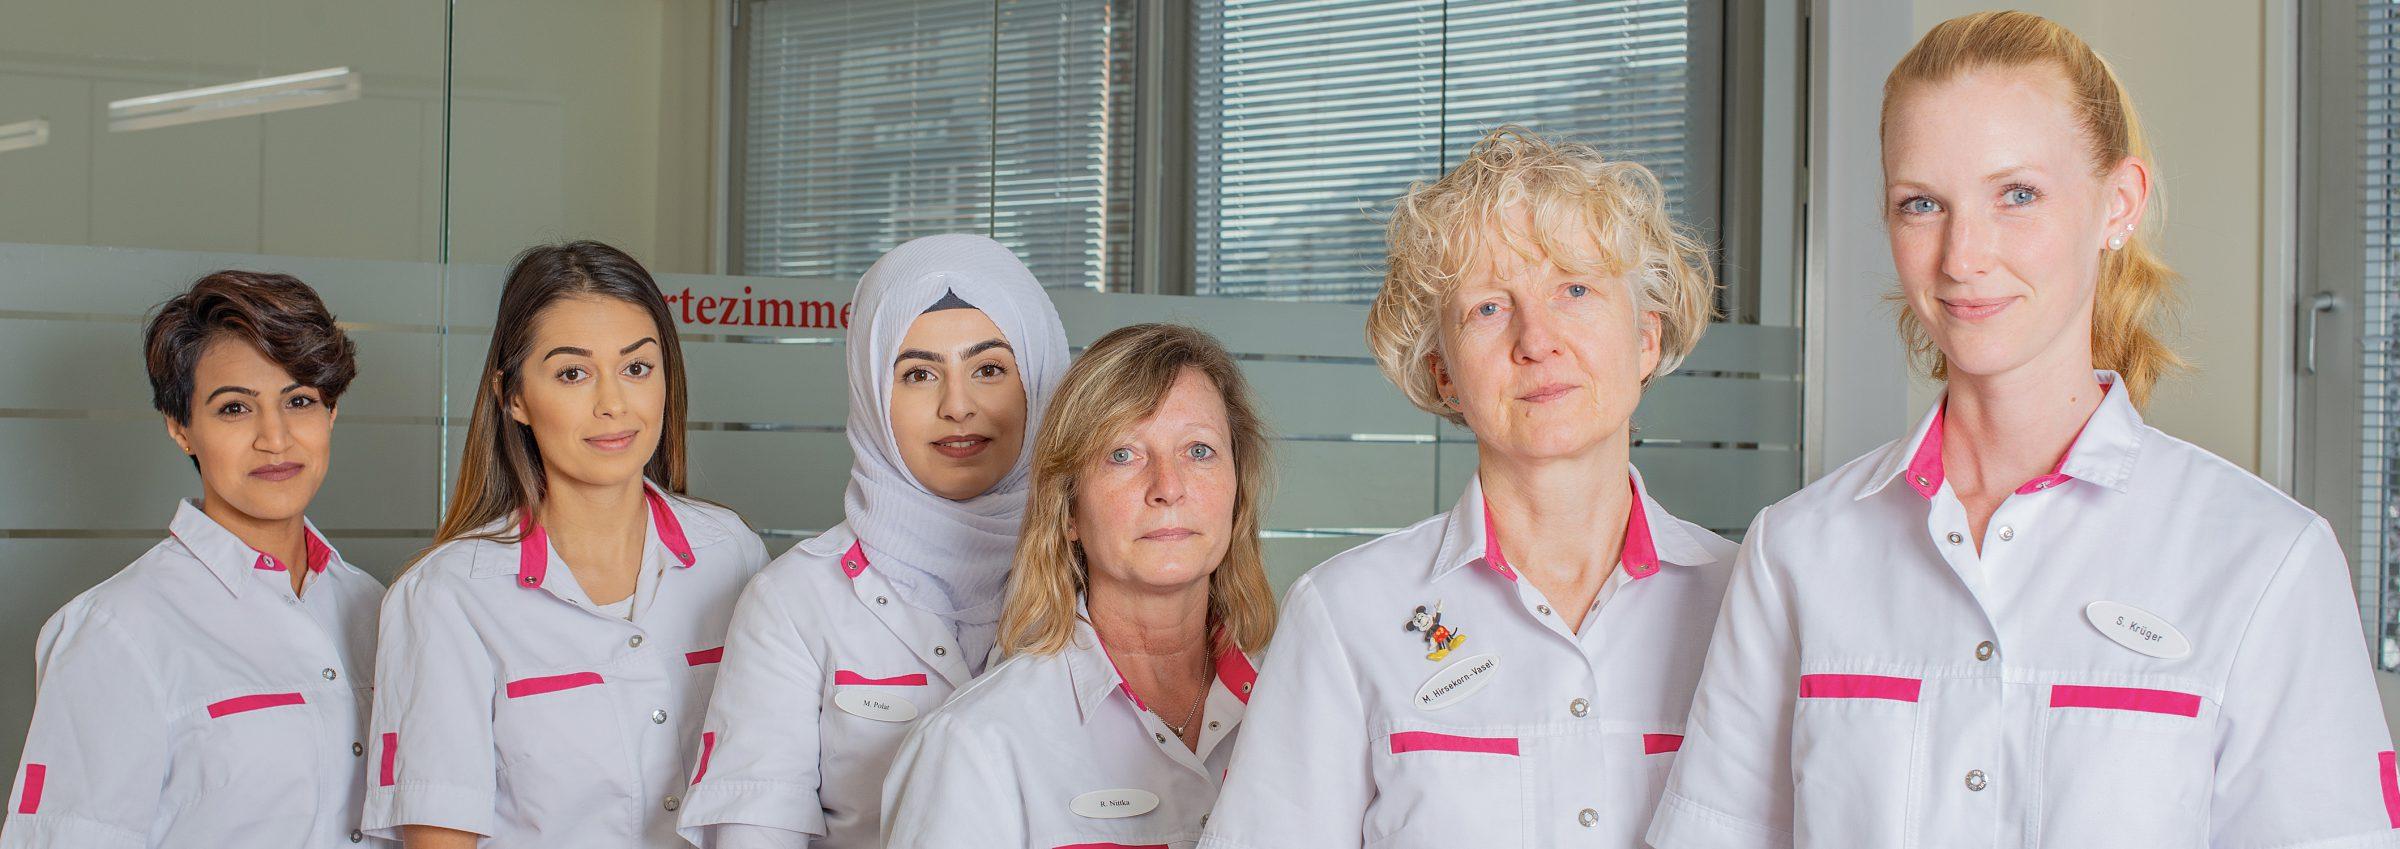 Arztzentrum Pinneberg Team - Medizinische Fachangestellte